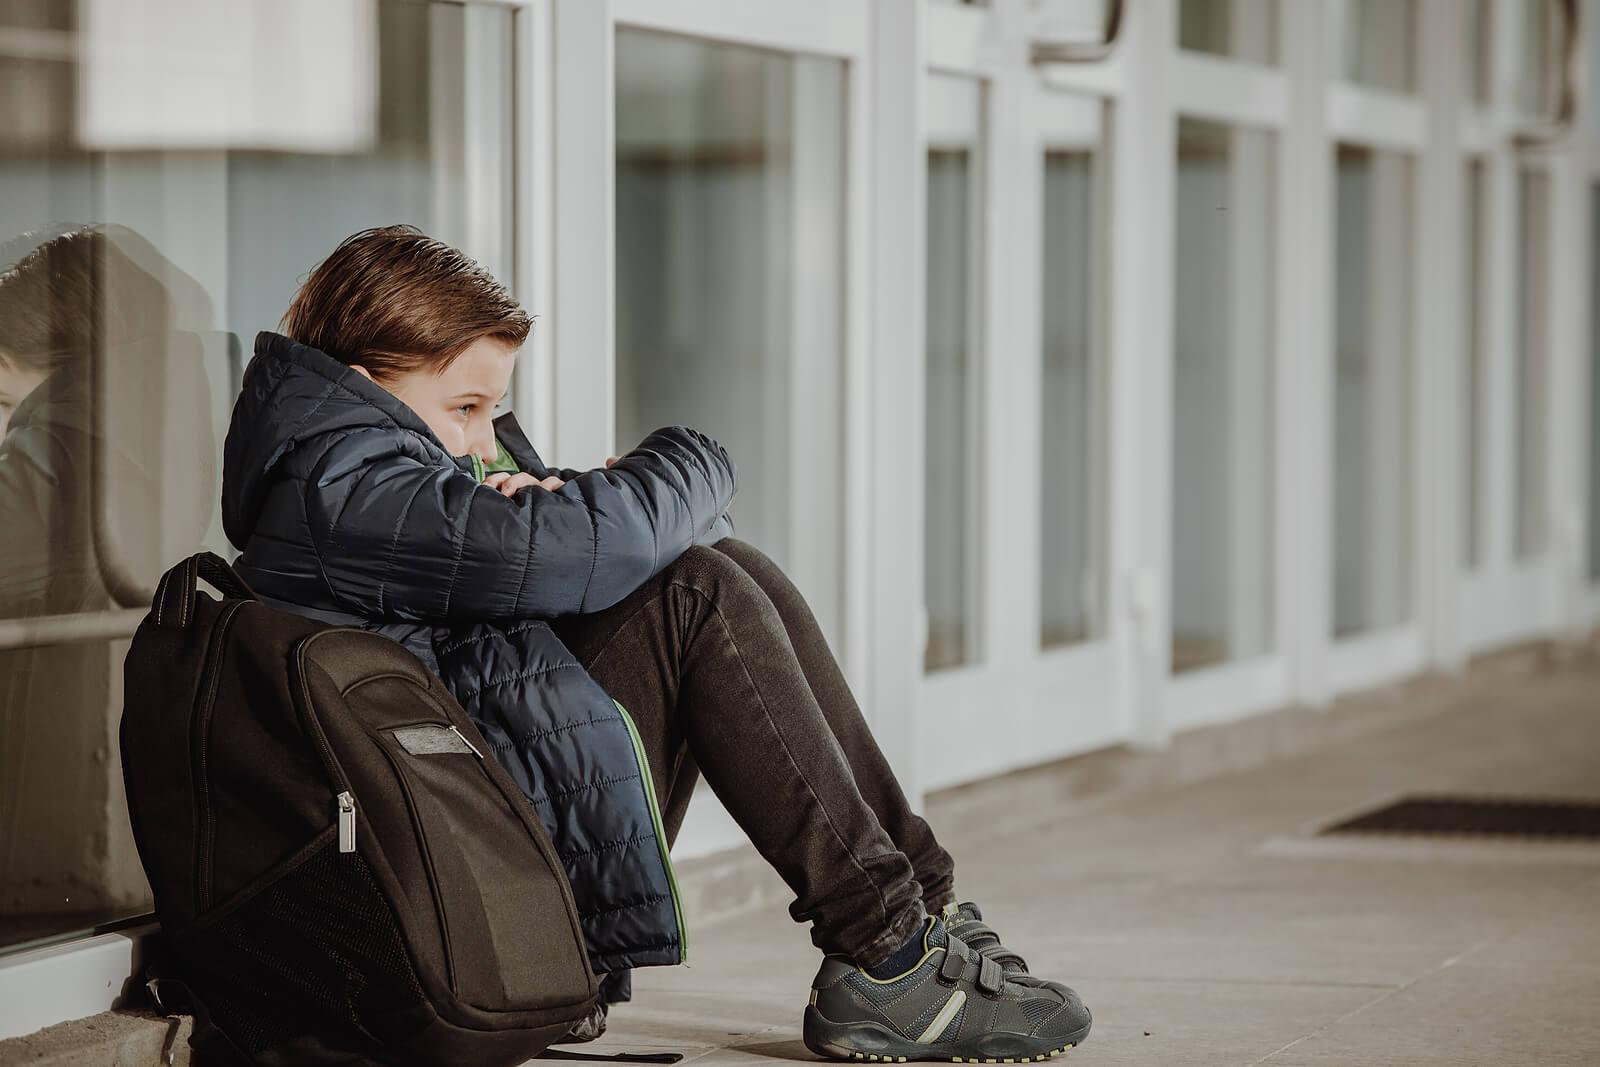 Niño triste porque está sufriendo novatadas en su nuevo colegio.